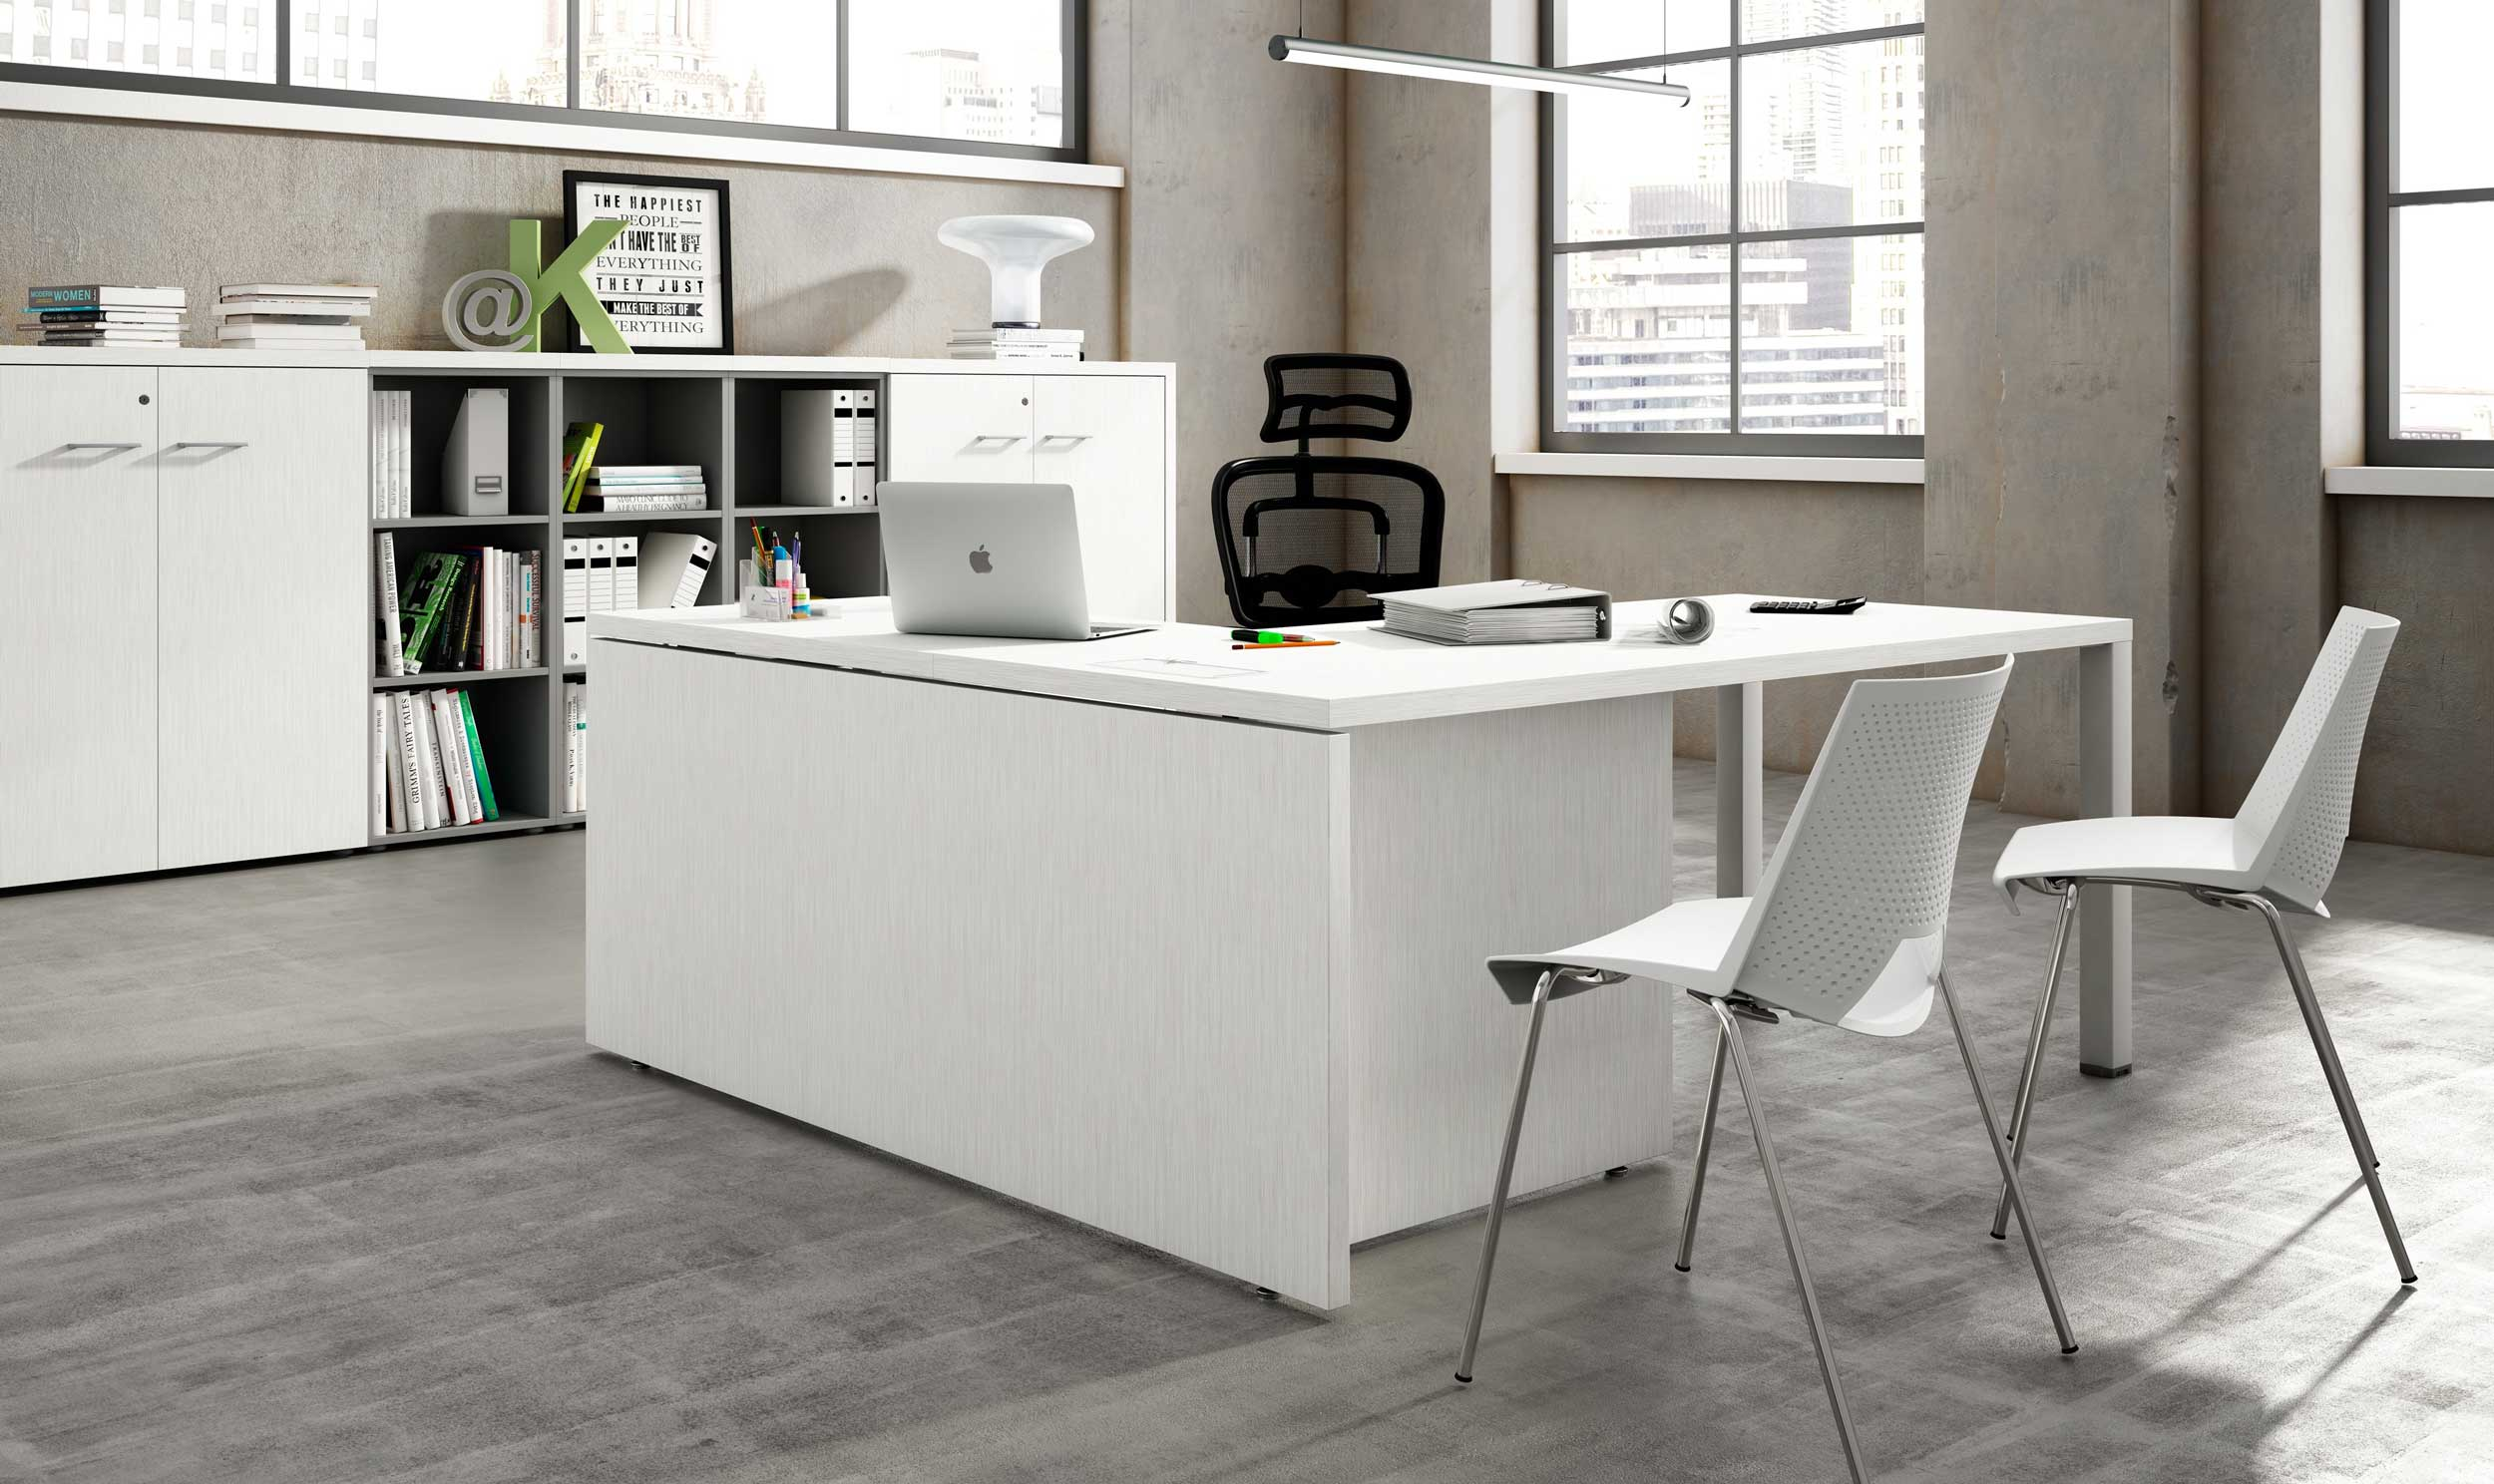 5 claves para conseguir unas oficinas minimalistas